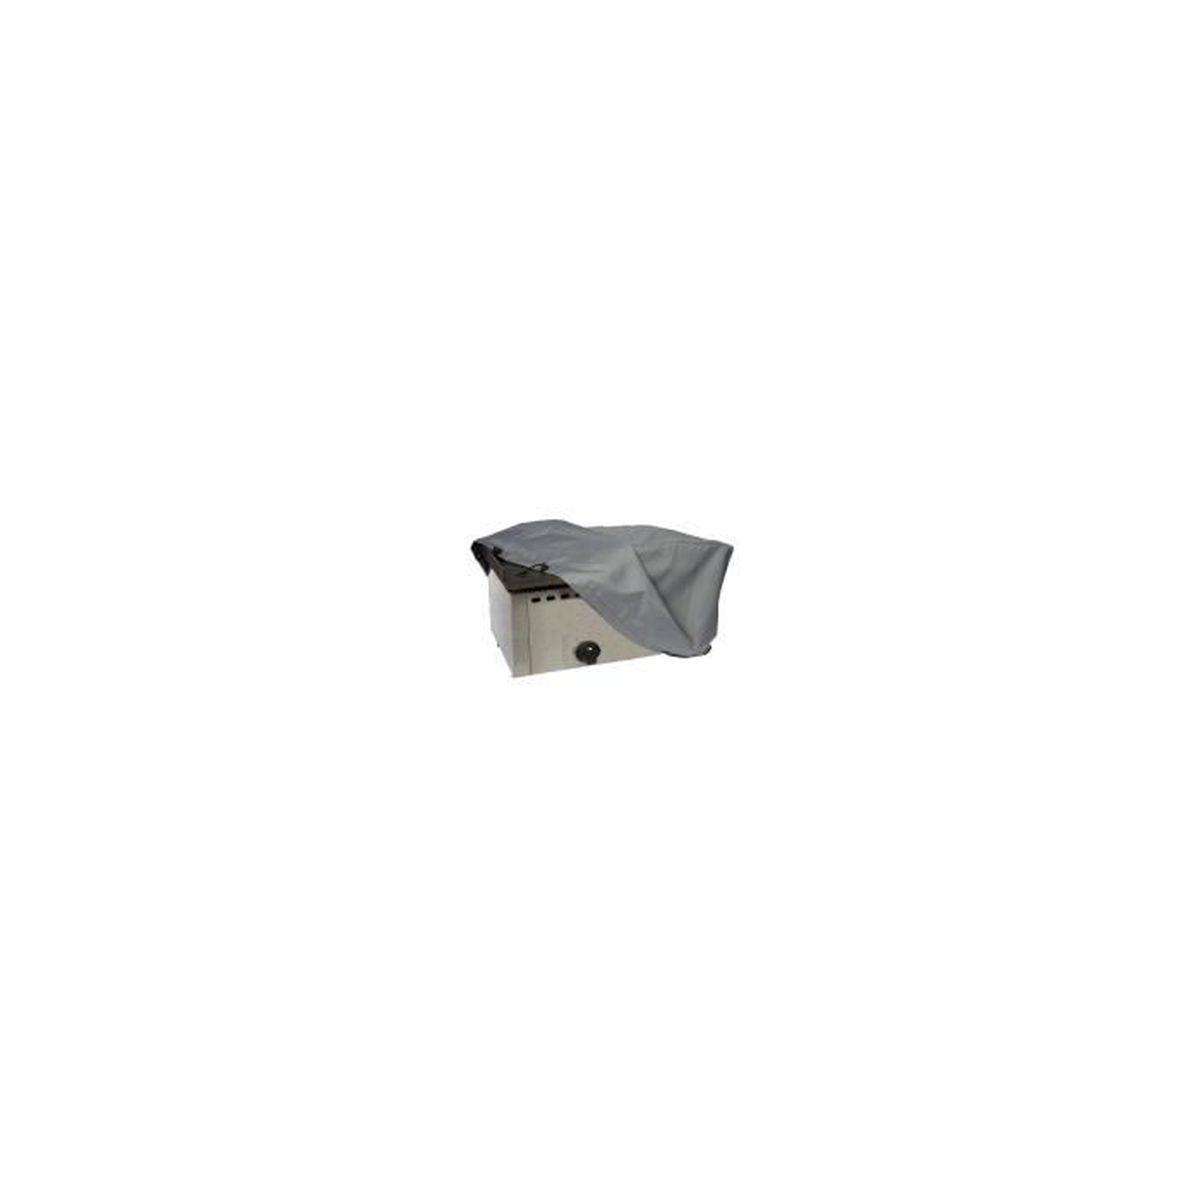 Housse de protection pour plancha 60 x 44 x 40 cm gris for Housse de protection plancha